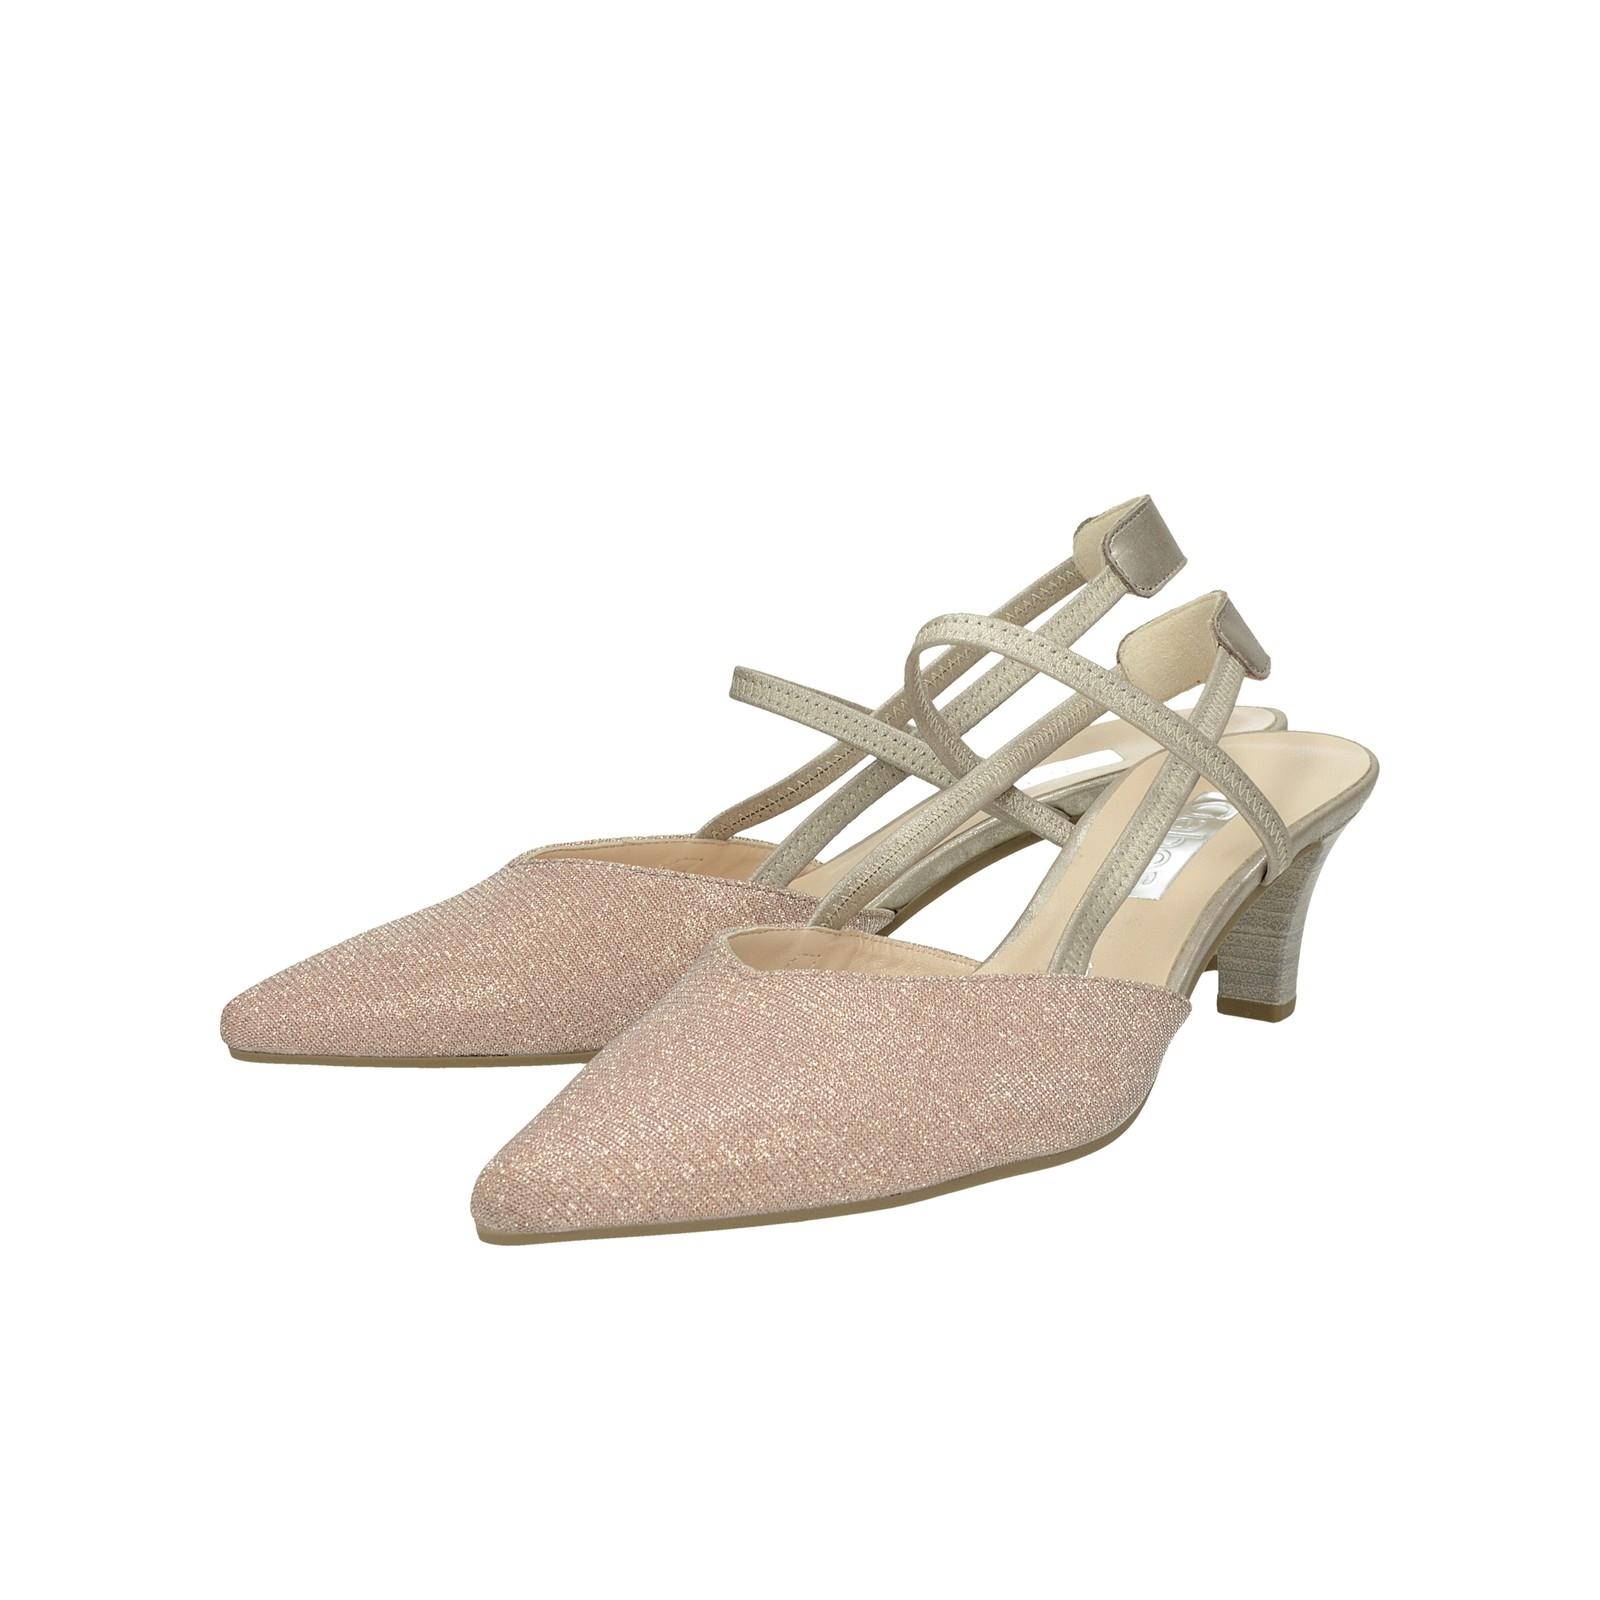 5ac99e0e0b8a2 Gabor dámske štýlové sandále - ružové | 21.554.64-ROSATO www.robel.sk